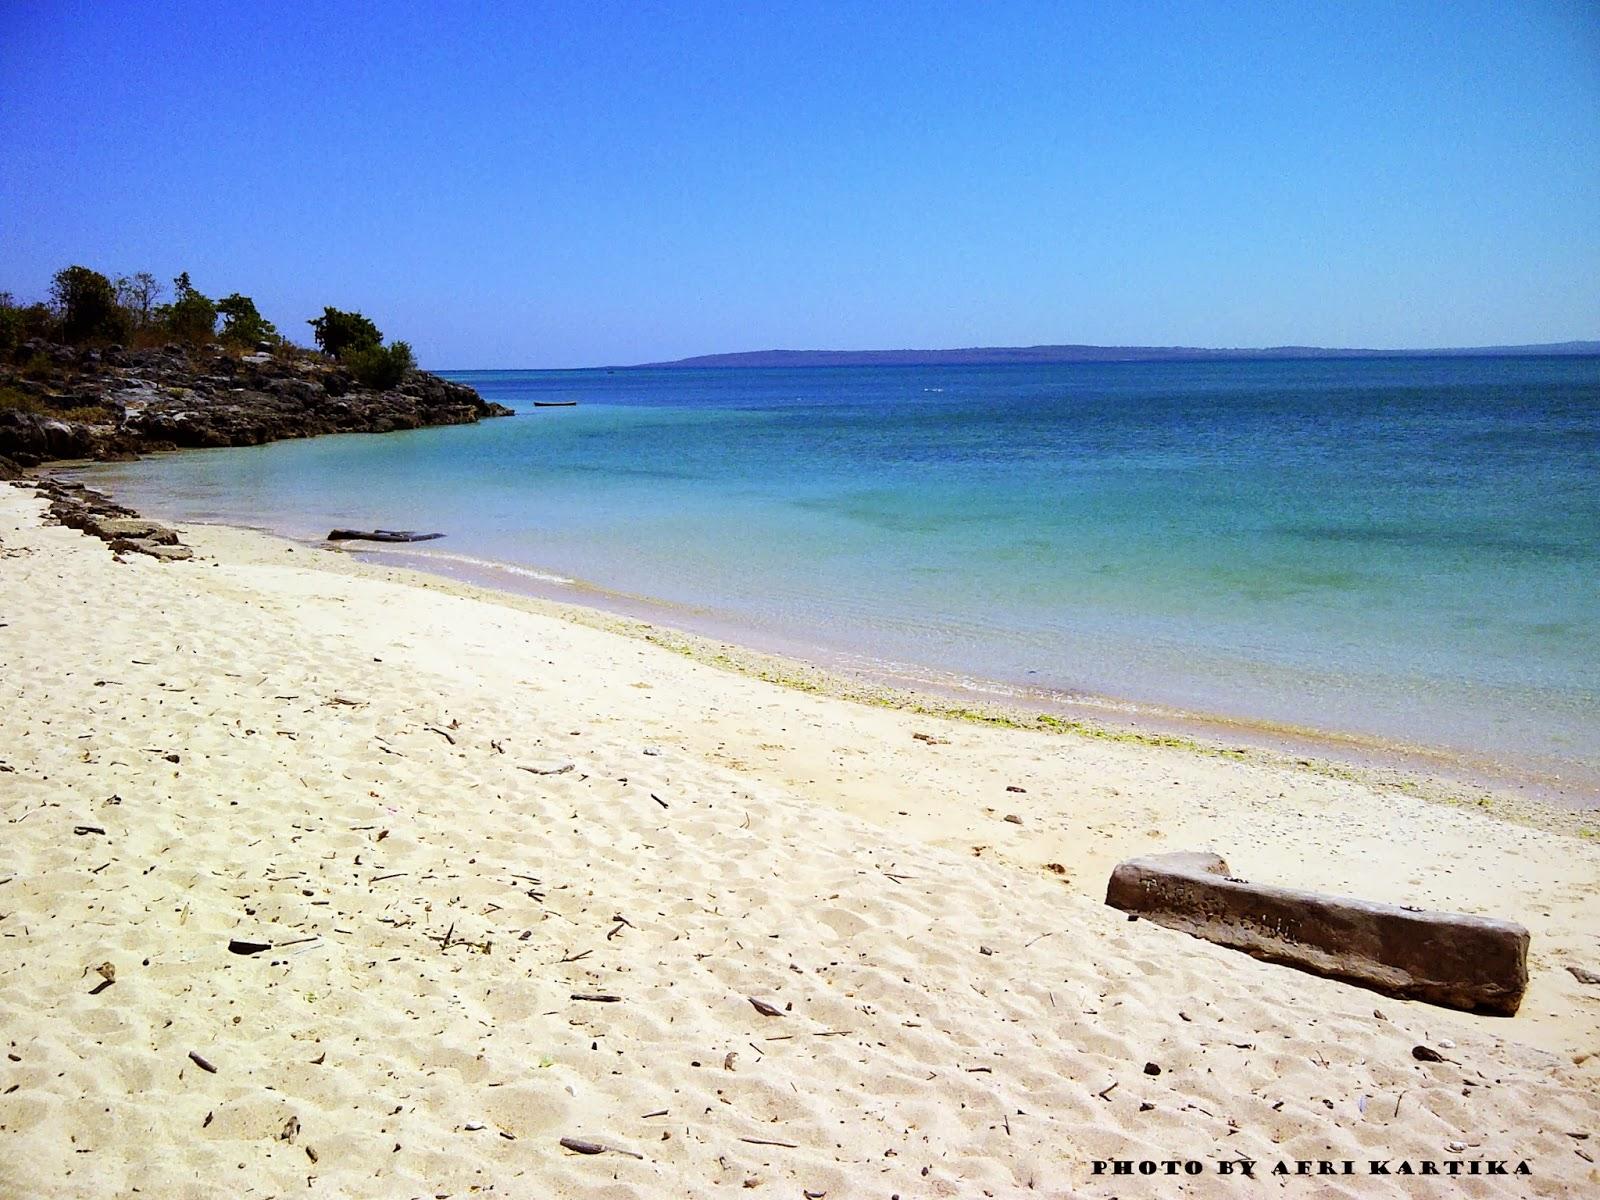 Tablolong Beach Objek Wisata Nusa Tenggara Timur Pantai Tempat Asyik